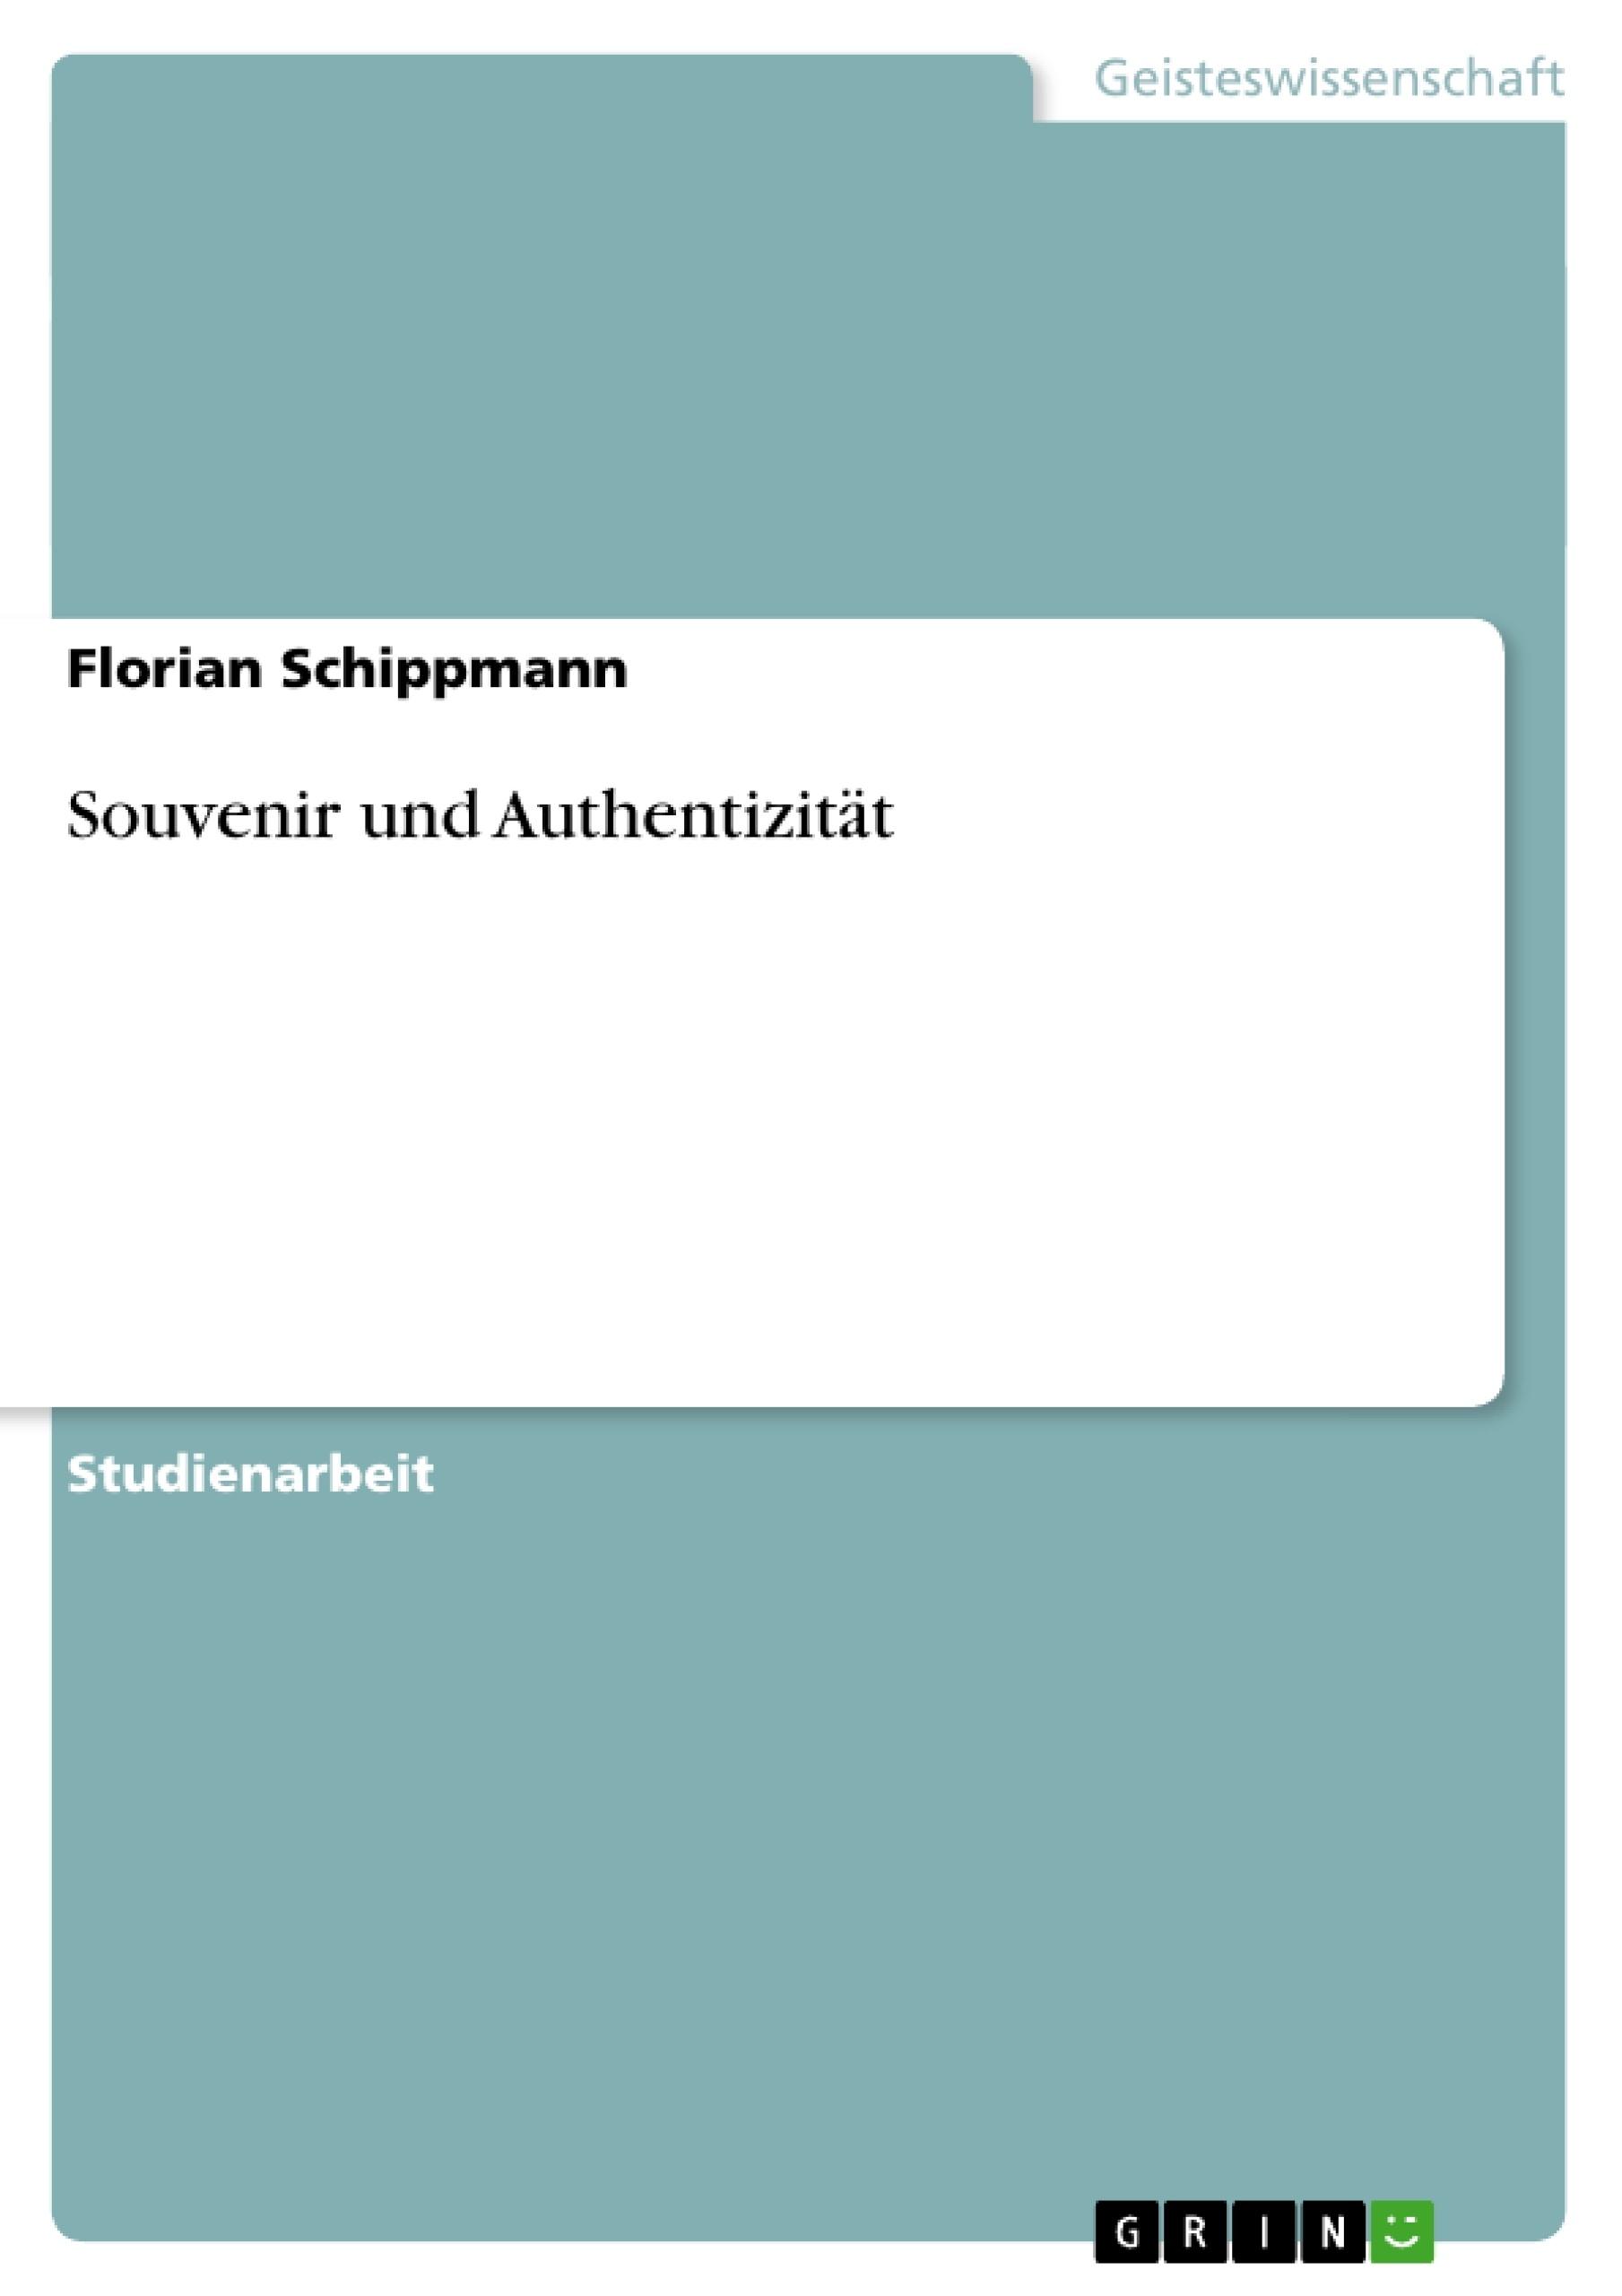 Titel: Souvenir und Authentizität